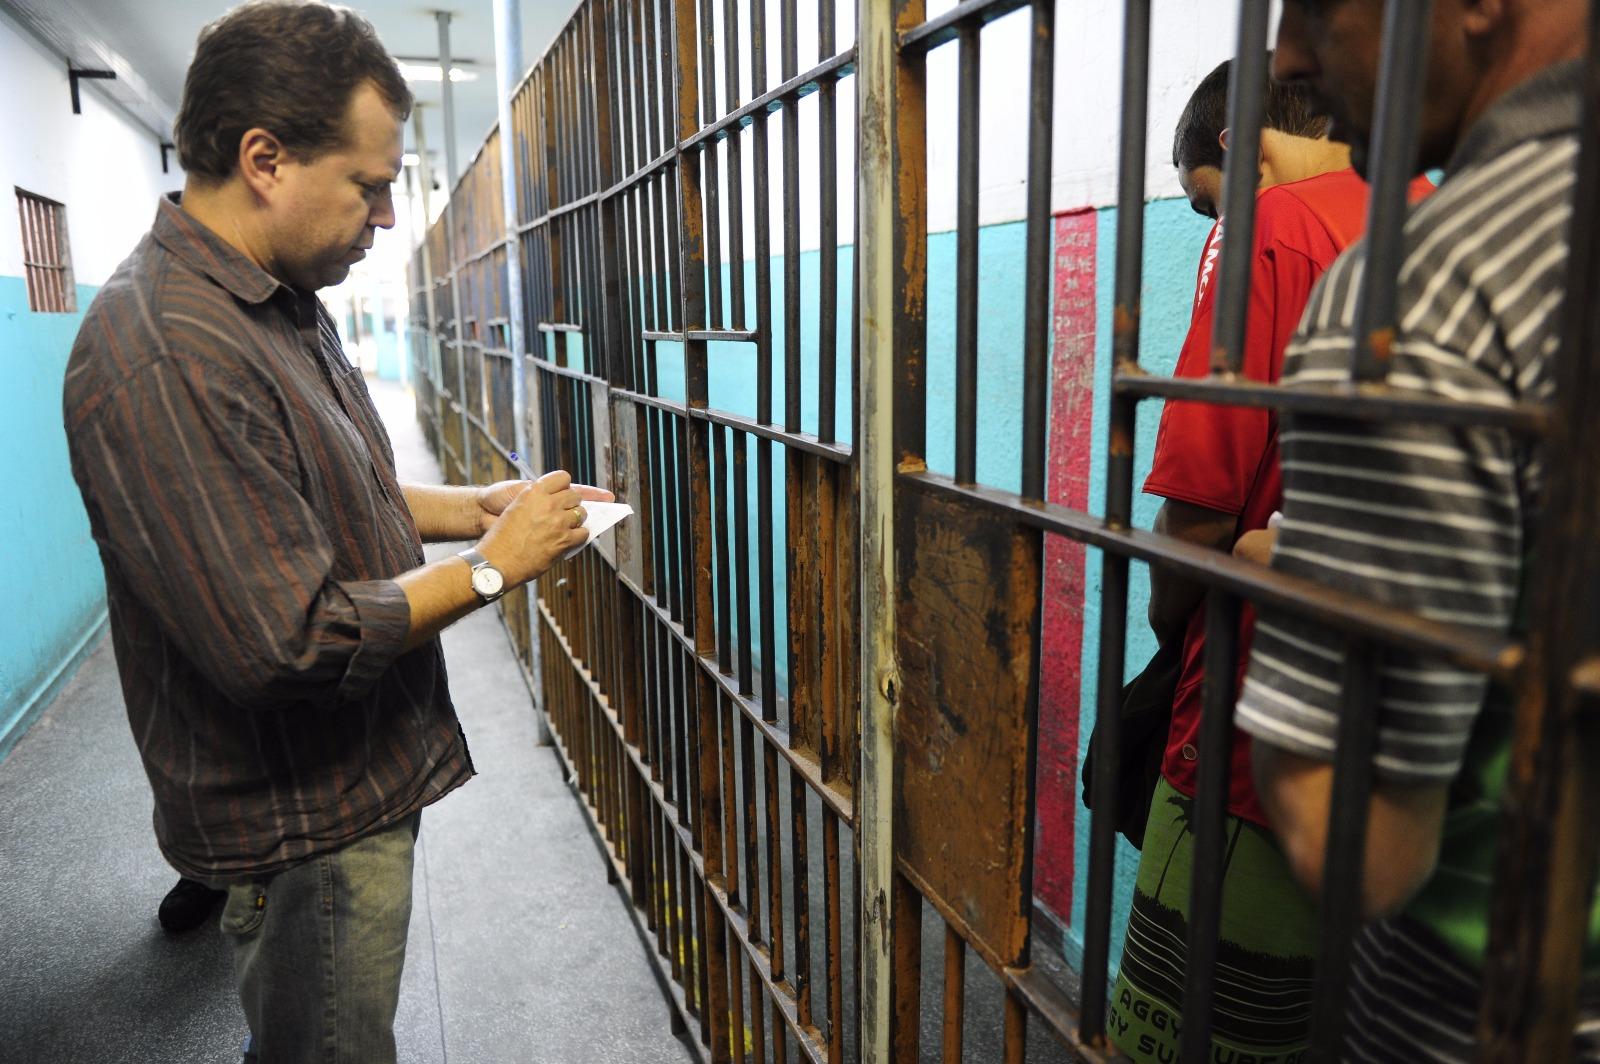 Juiz Sidinei Brzuska conversa com presos no Presídio Central de Porto Alegre